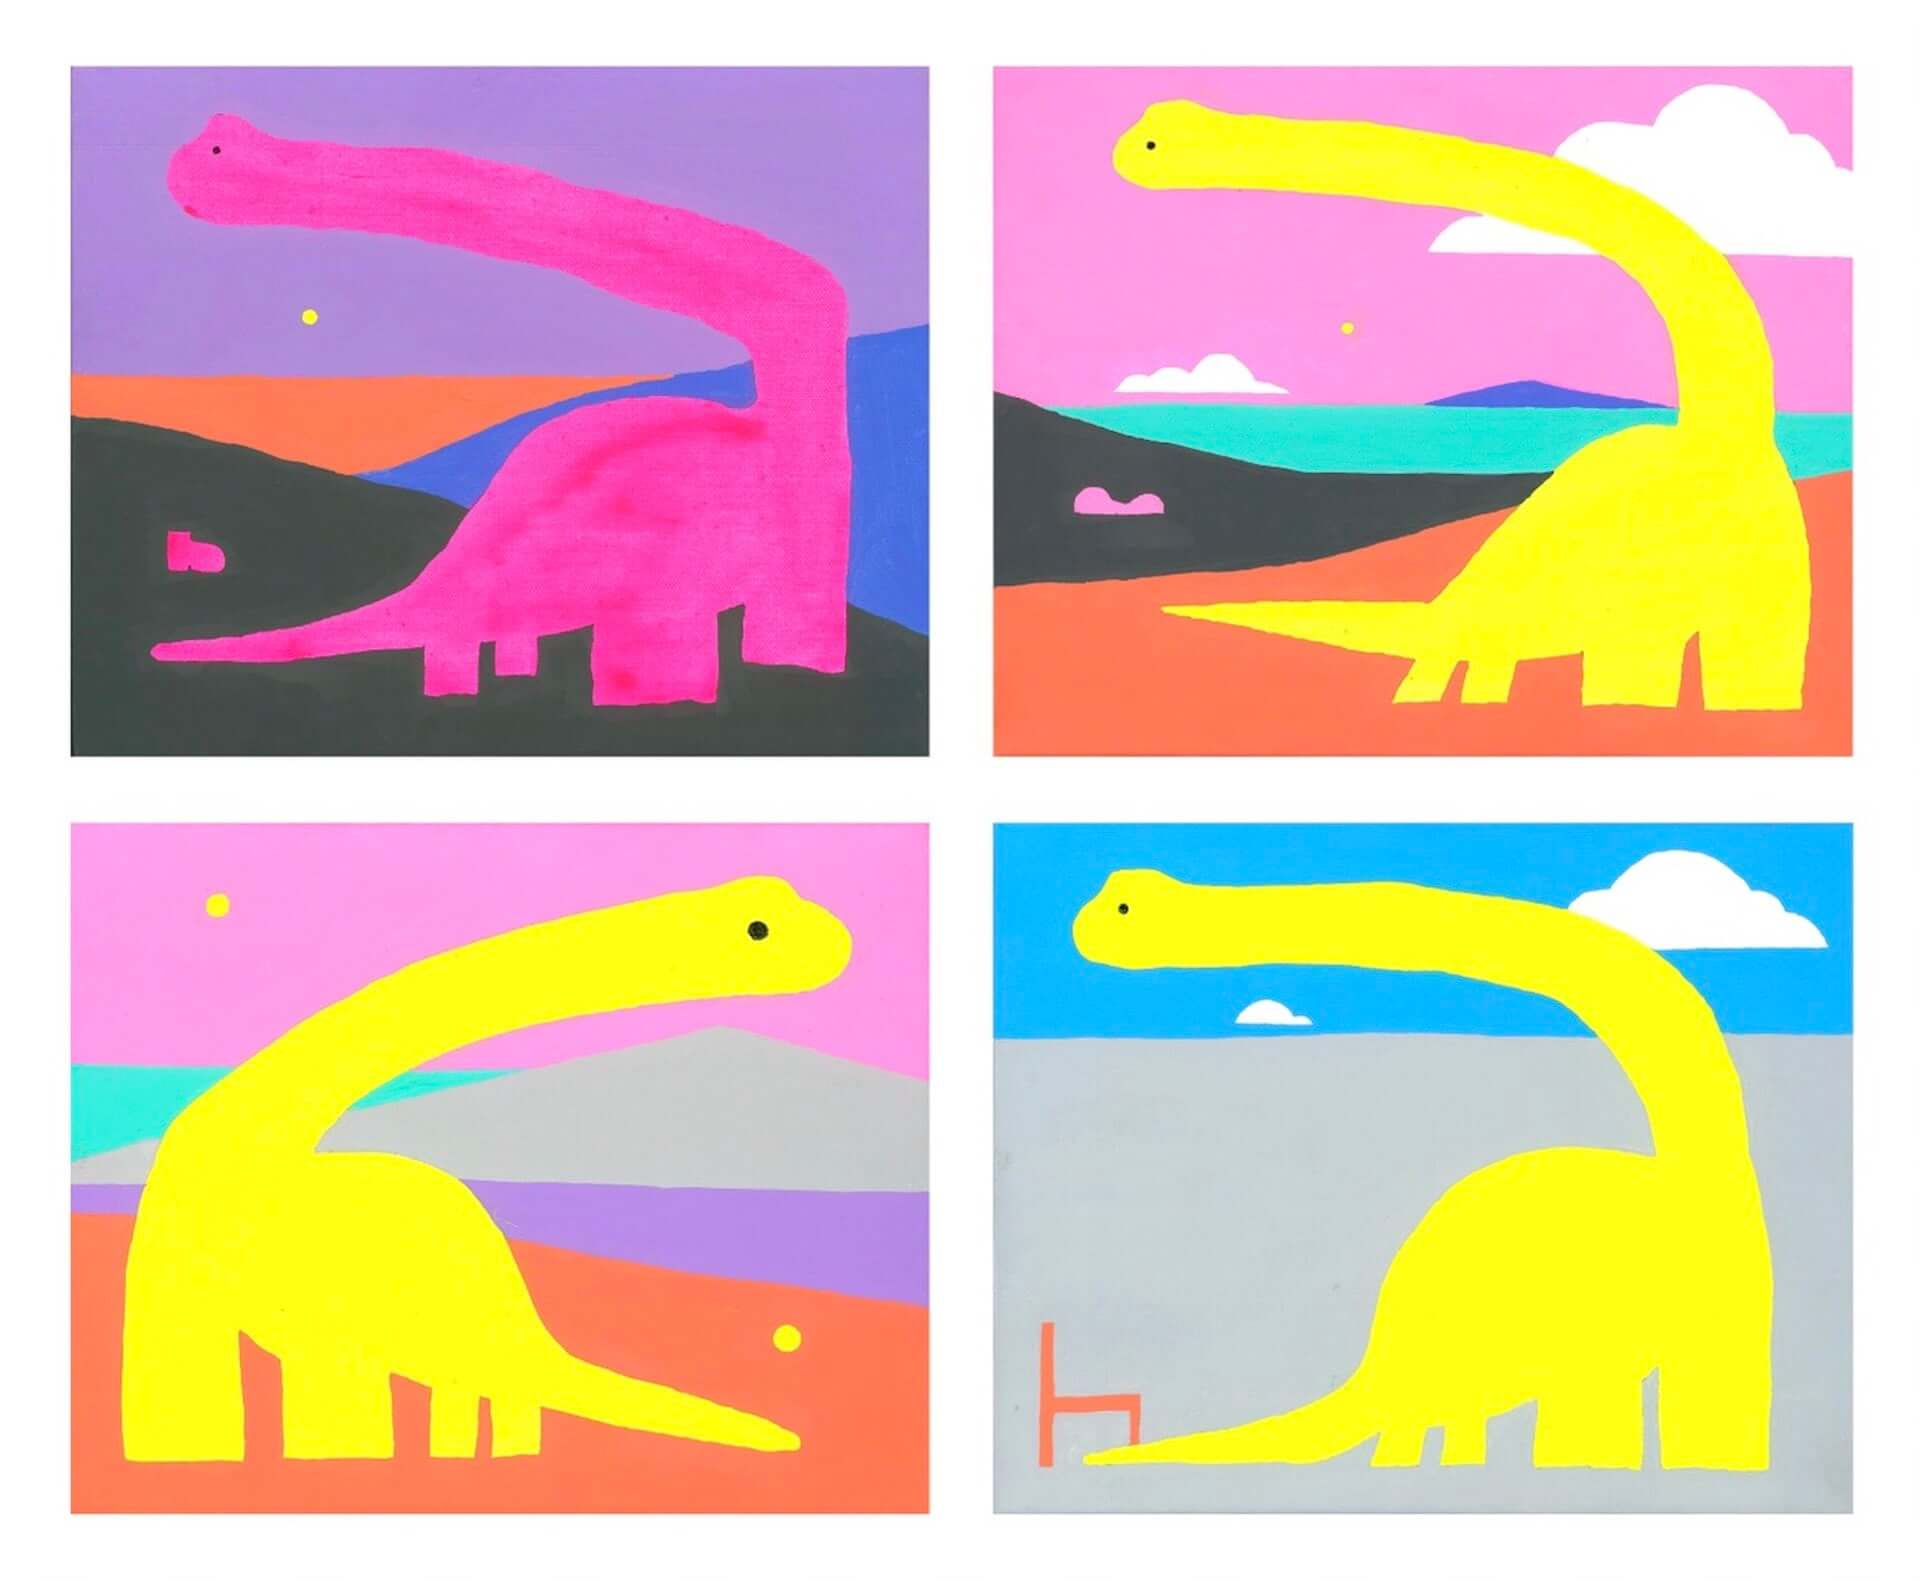 夏目知幸の個展<なつめともゆき〈きょうりゅう〉展>が阿佐ヶ谷VOIDにて来週開幕!本人コメントも到着 art201204_natsumetomoyuki_2-1920x1582